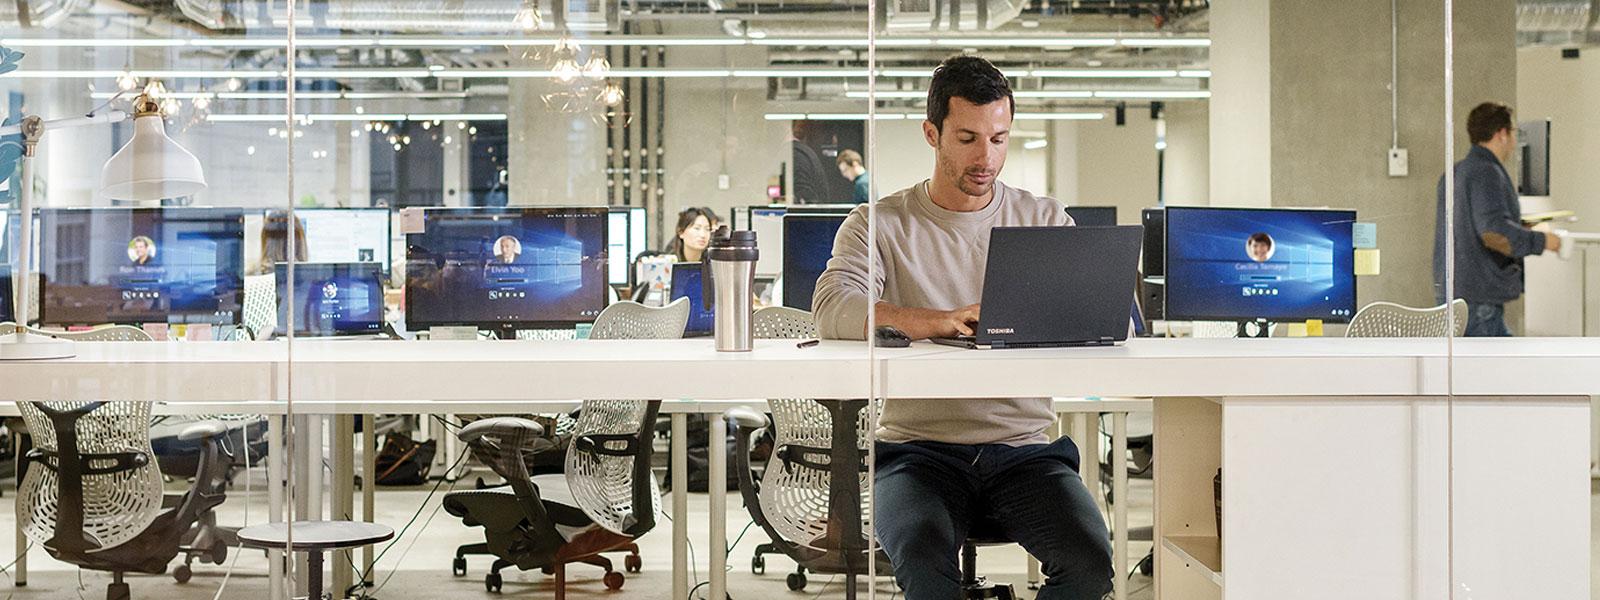 Мужчина, использующий ноутбук в офисе открытого типа